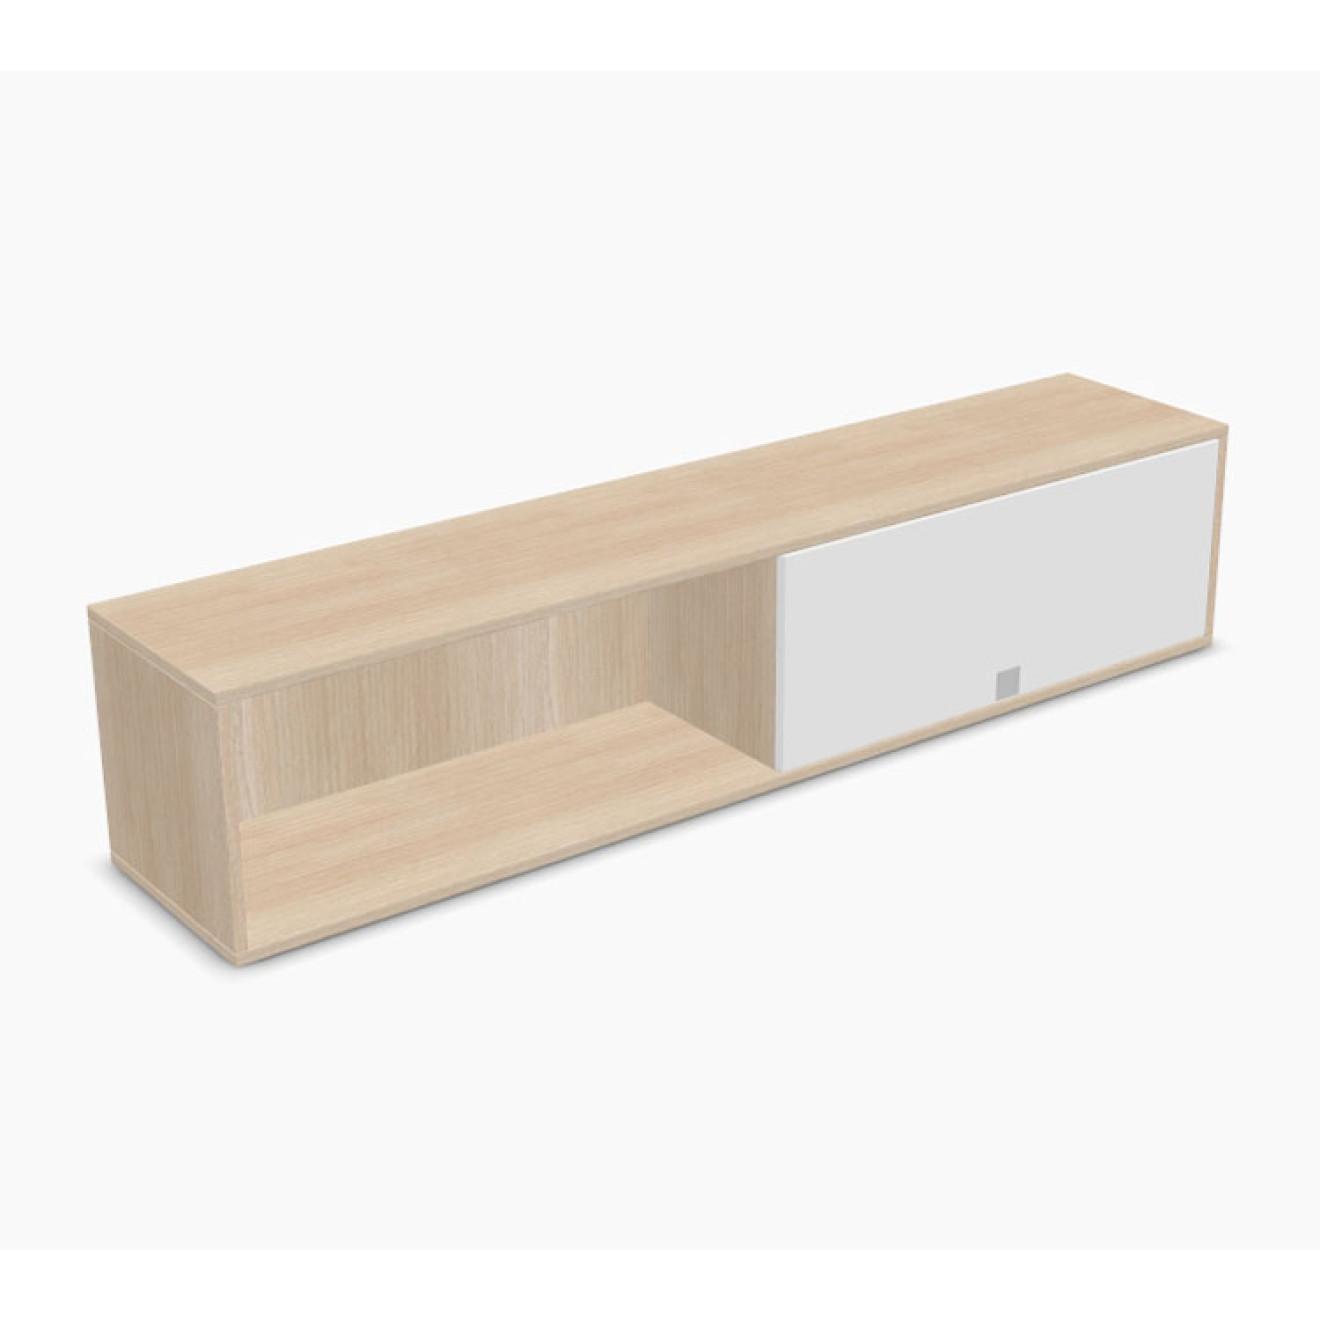 h ngeregal palmberg select se hr 1710 134. Black Bedroom Furniture Sets. Home Design Ideas